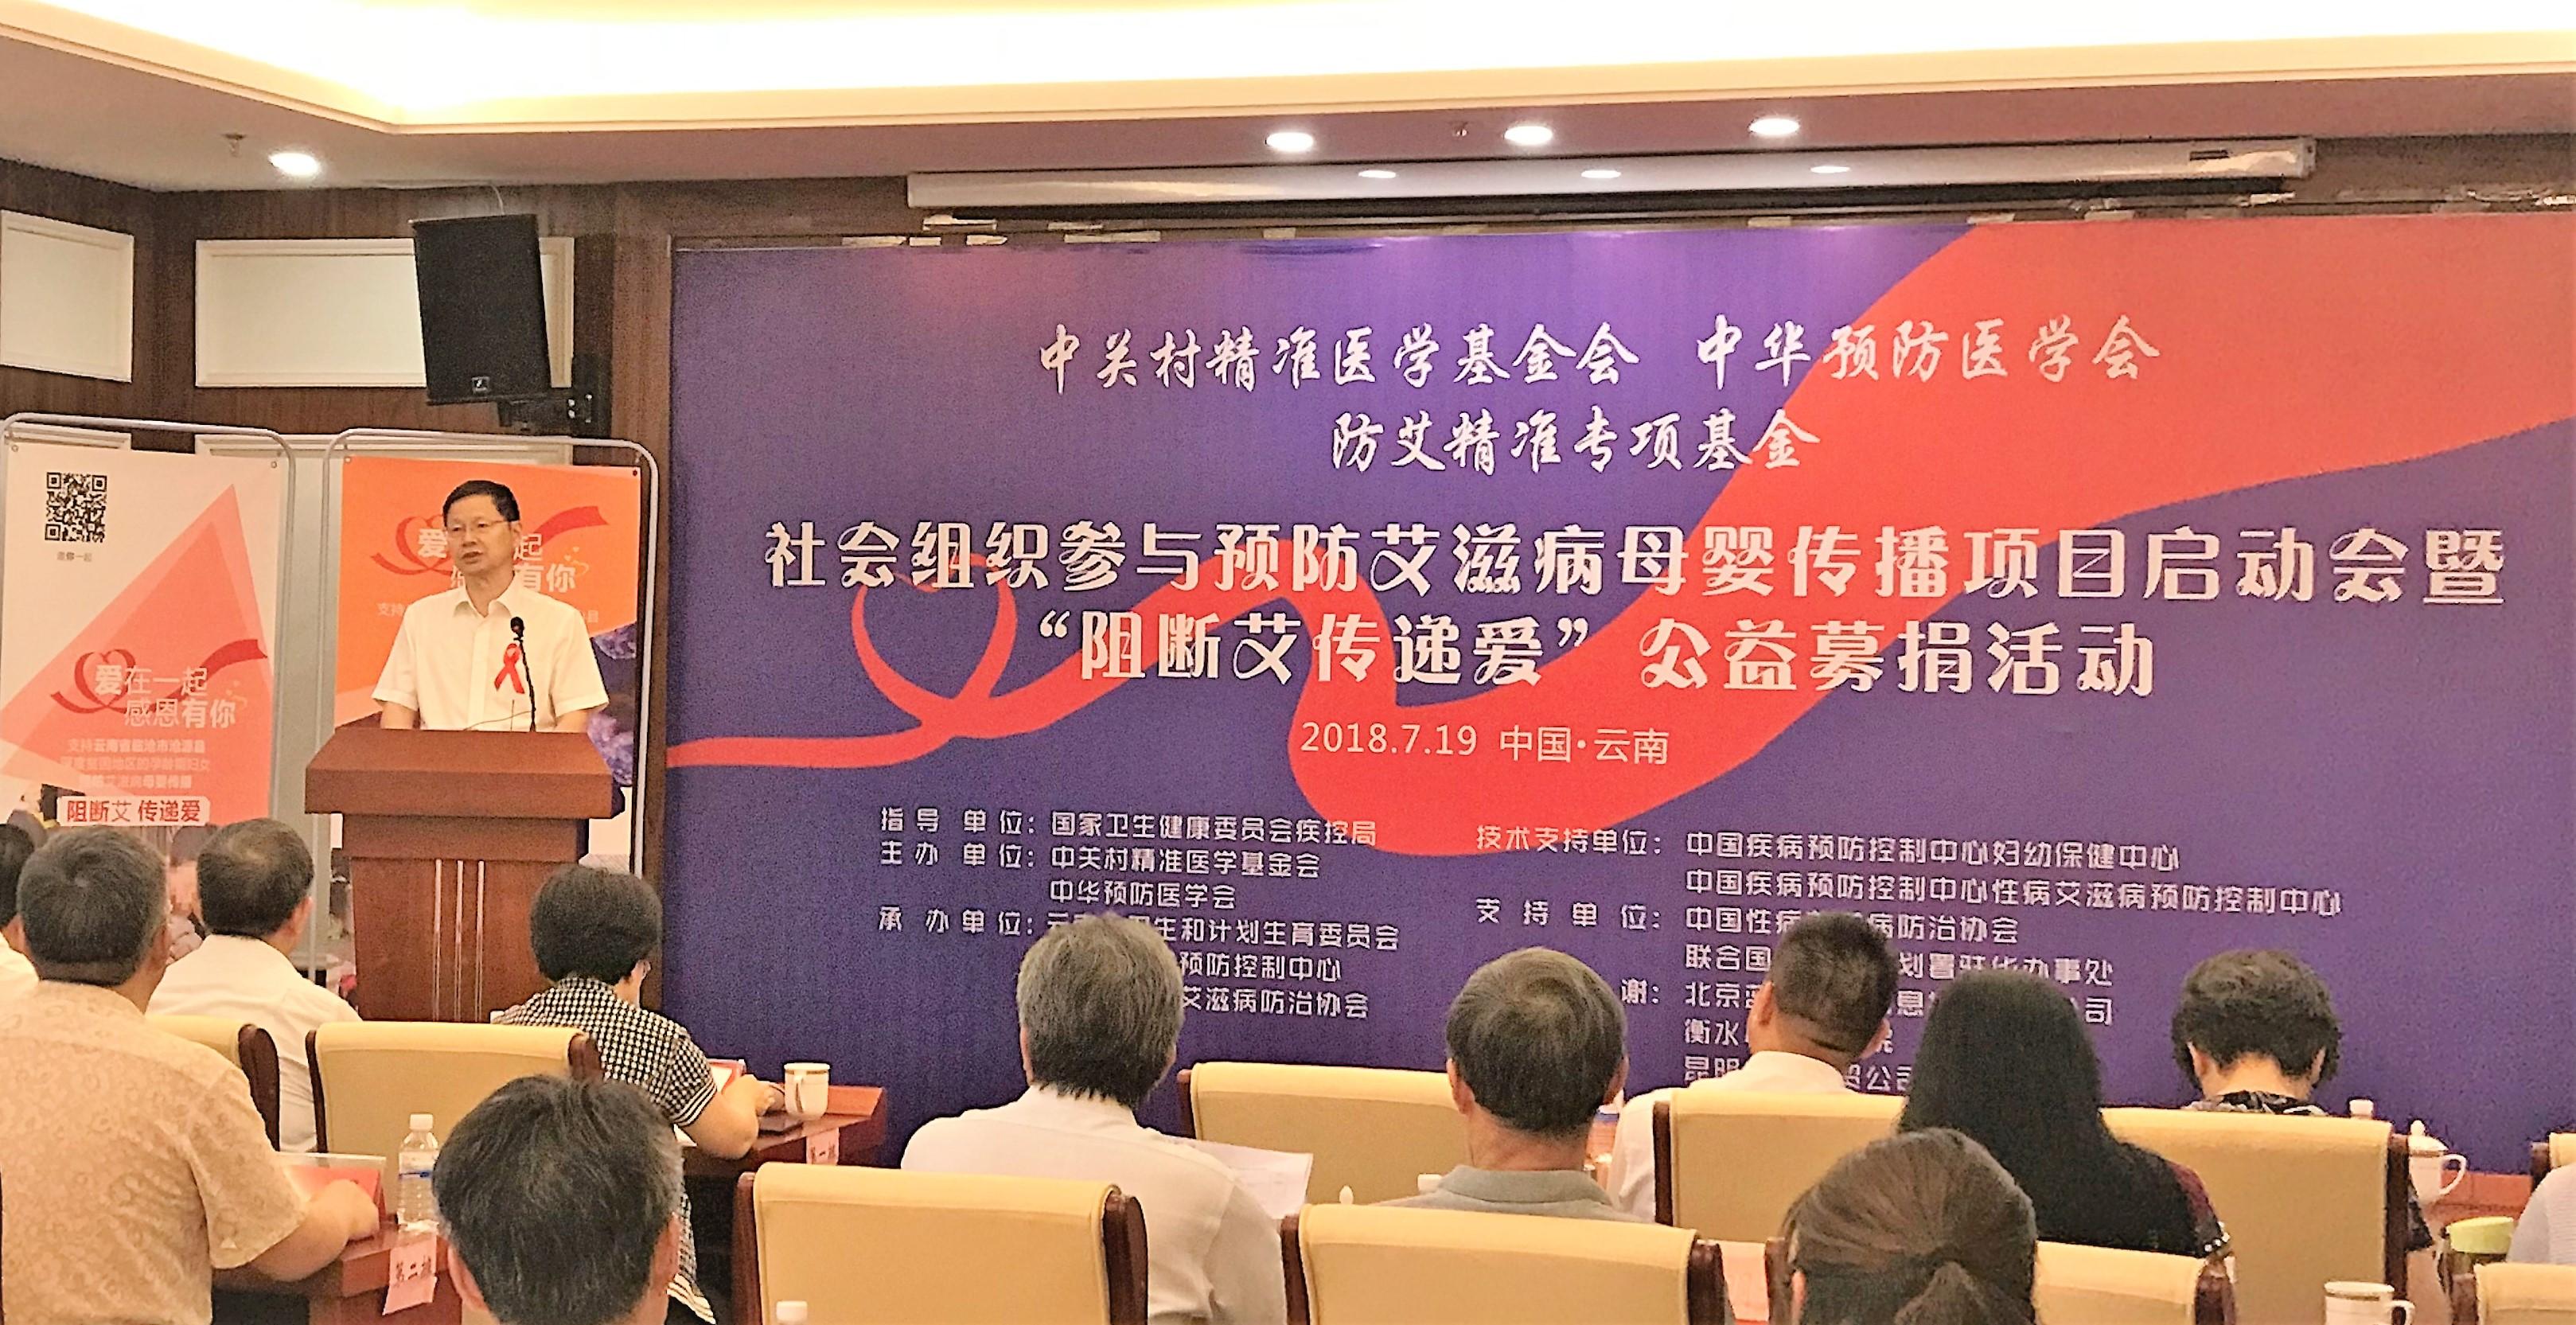 社会组织参与预防艾滋病母婴传播项目顺利启动